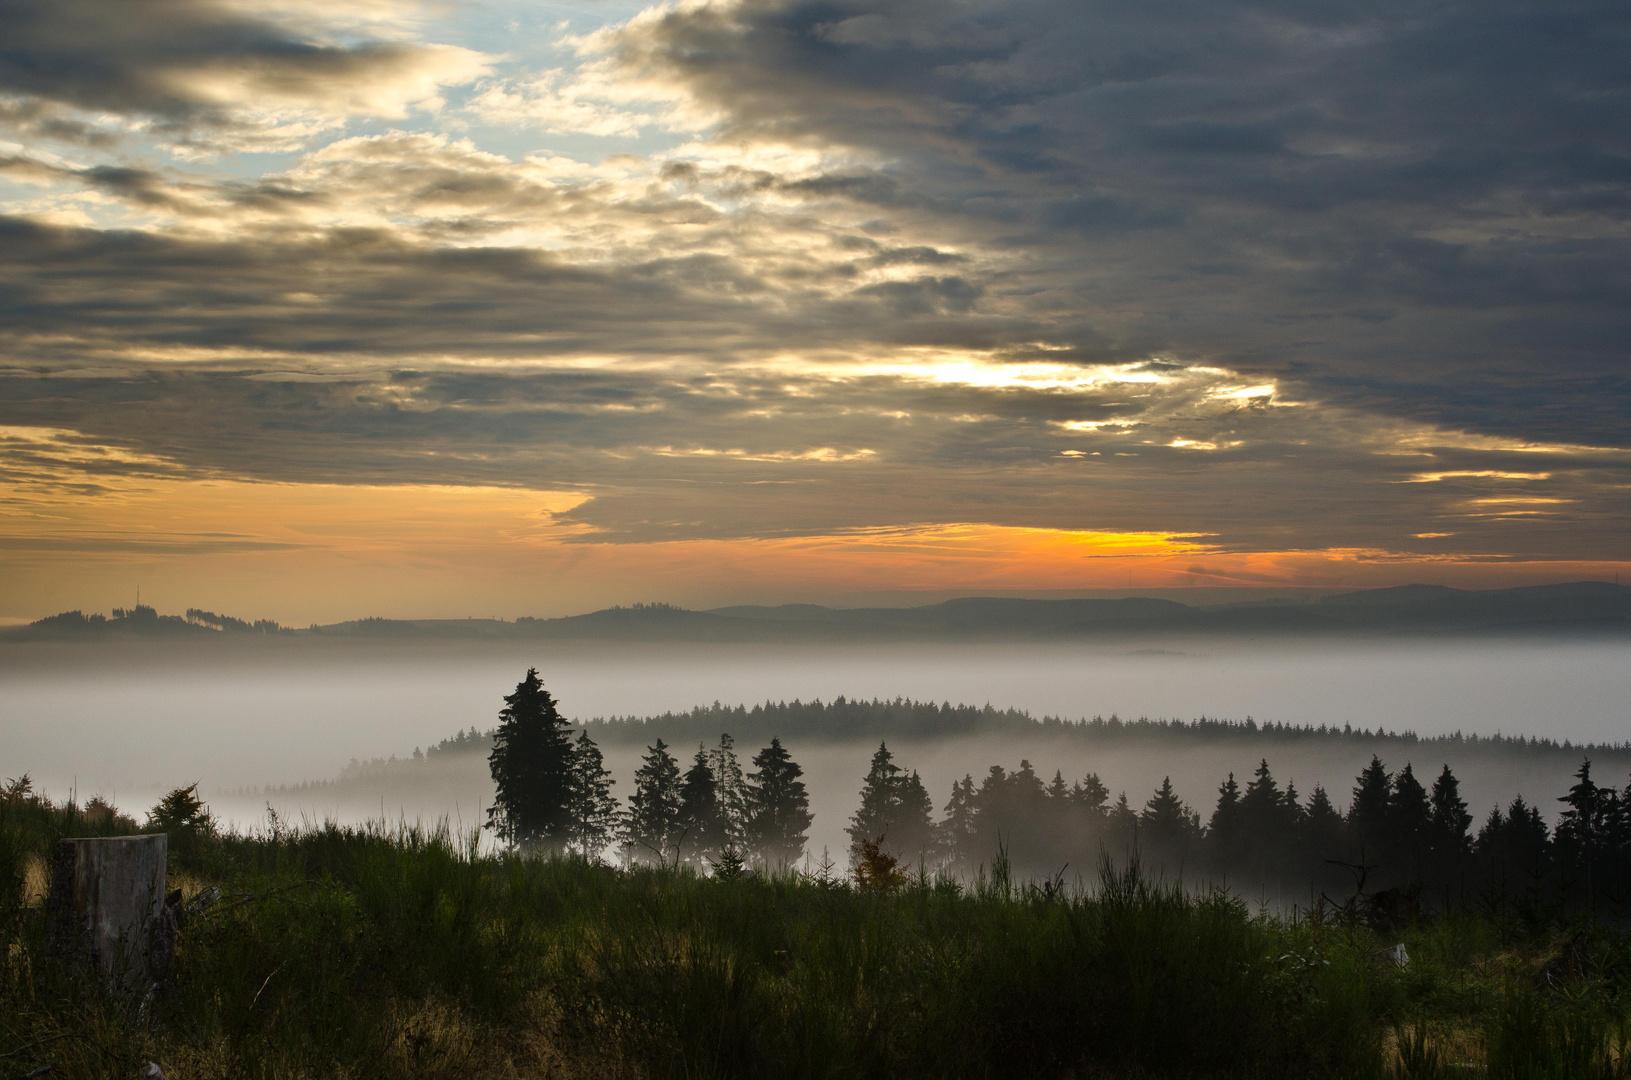 Morgenstimmung - Nebel, Licht und Wolken